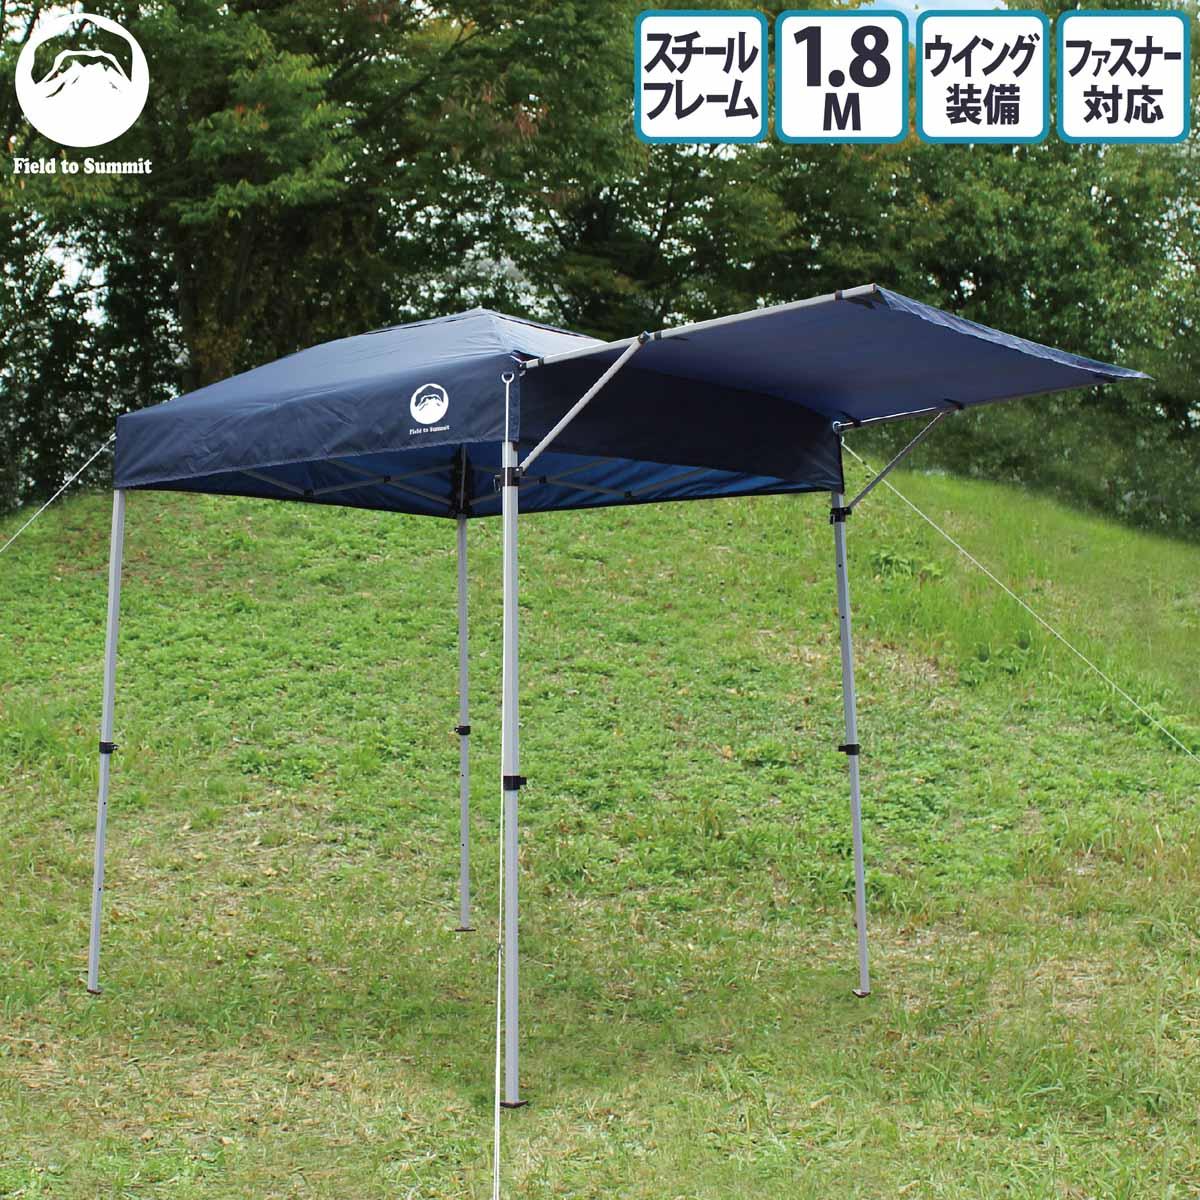 【送料無料】 テント 大型 Field to Summit ウイングワンタッチテント180 ウイング付き 簡単 タープ 自立式 フリマ 日除け ガーデン キャンプ お花見 テント タープ 簡易テント フリーマーケット 1.8M 180cm